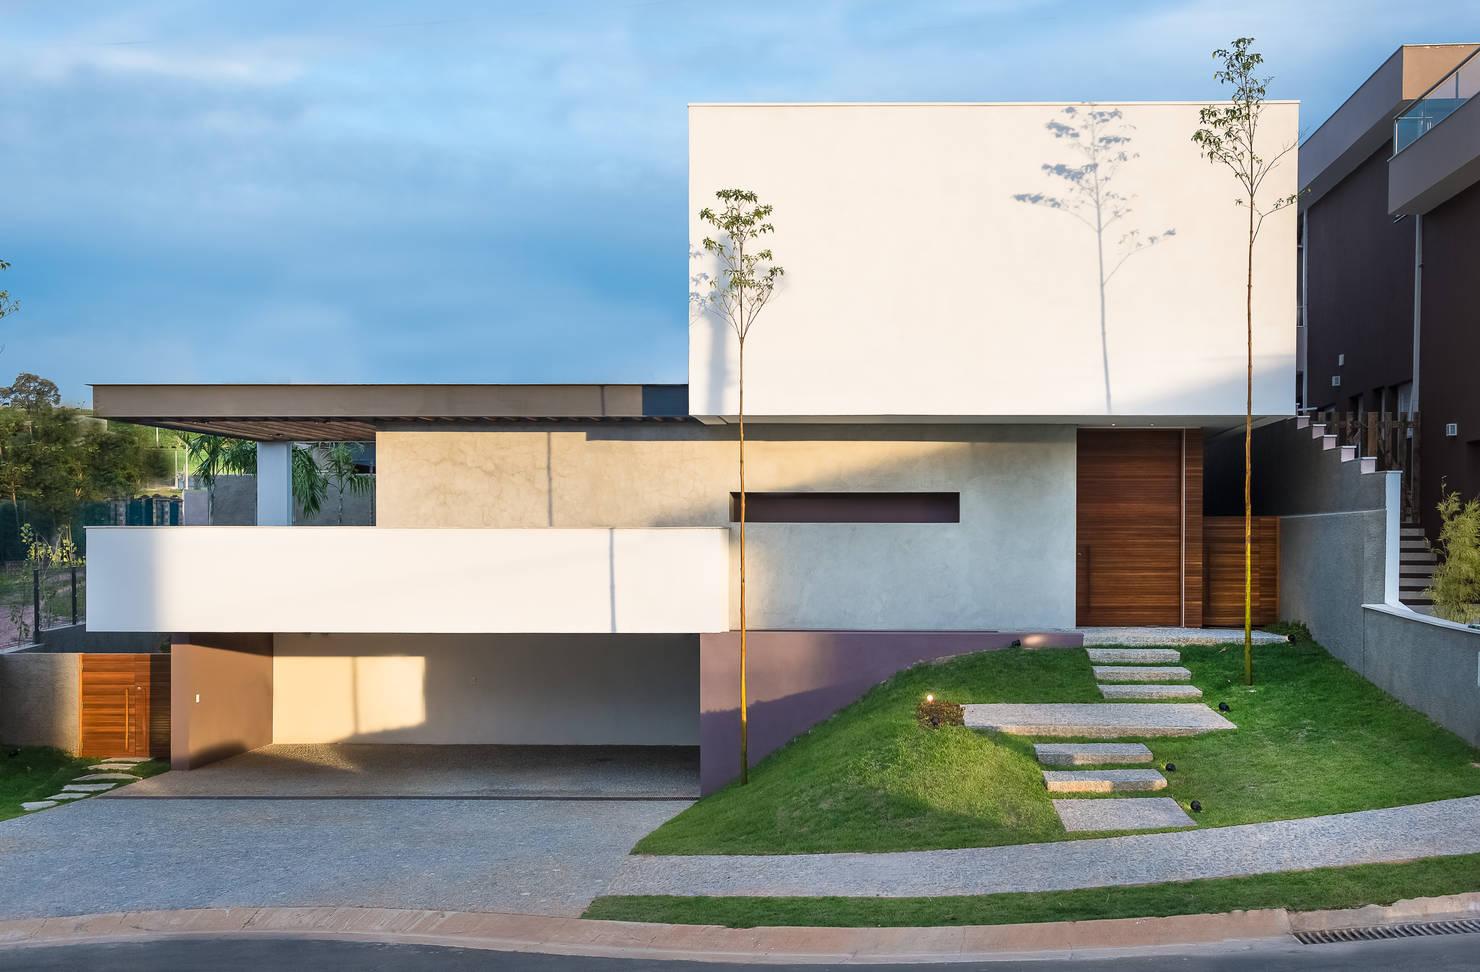 Incrível Casa Moderna Com Piscina E Varanda Gourmet É TUDO O Que Você Sempre Quis